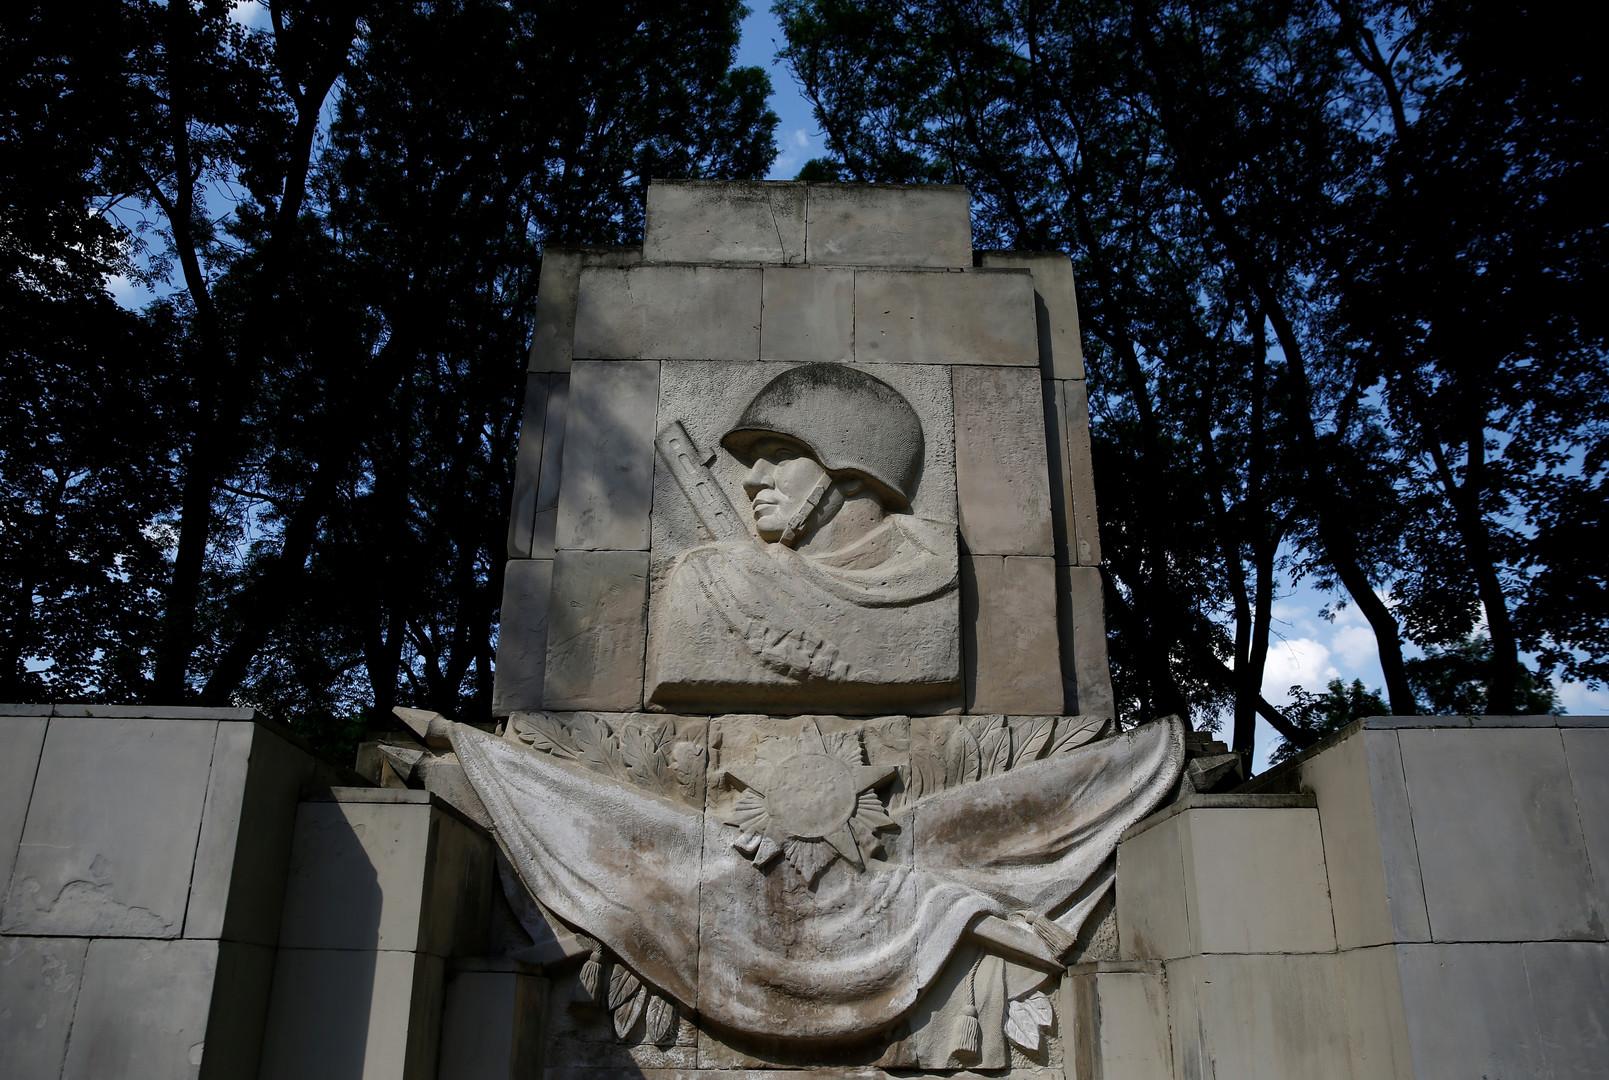 روسيا.. العثور على رفات جندي قتل عام 1942 ومواراته الثرى!